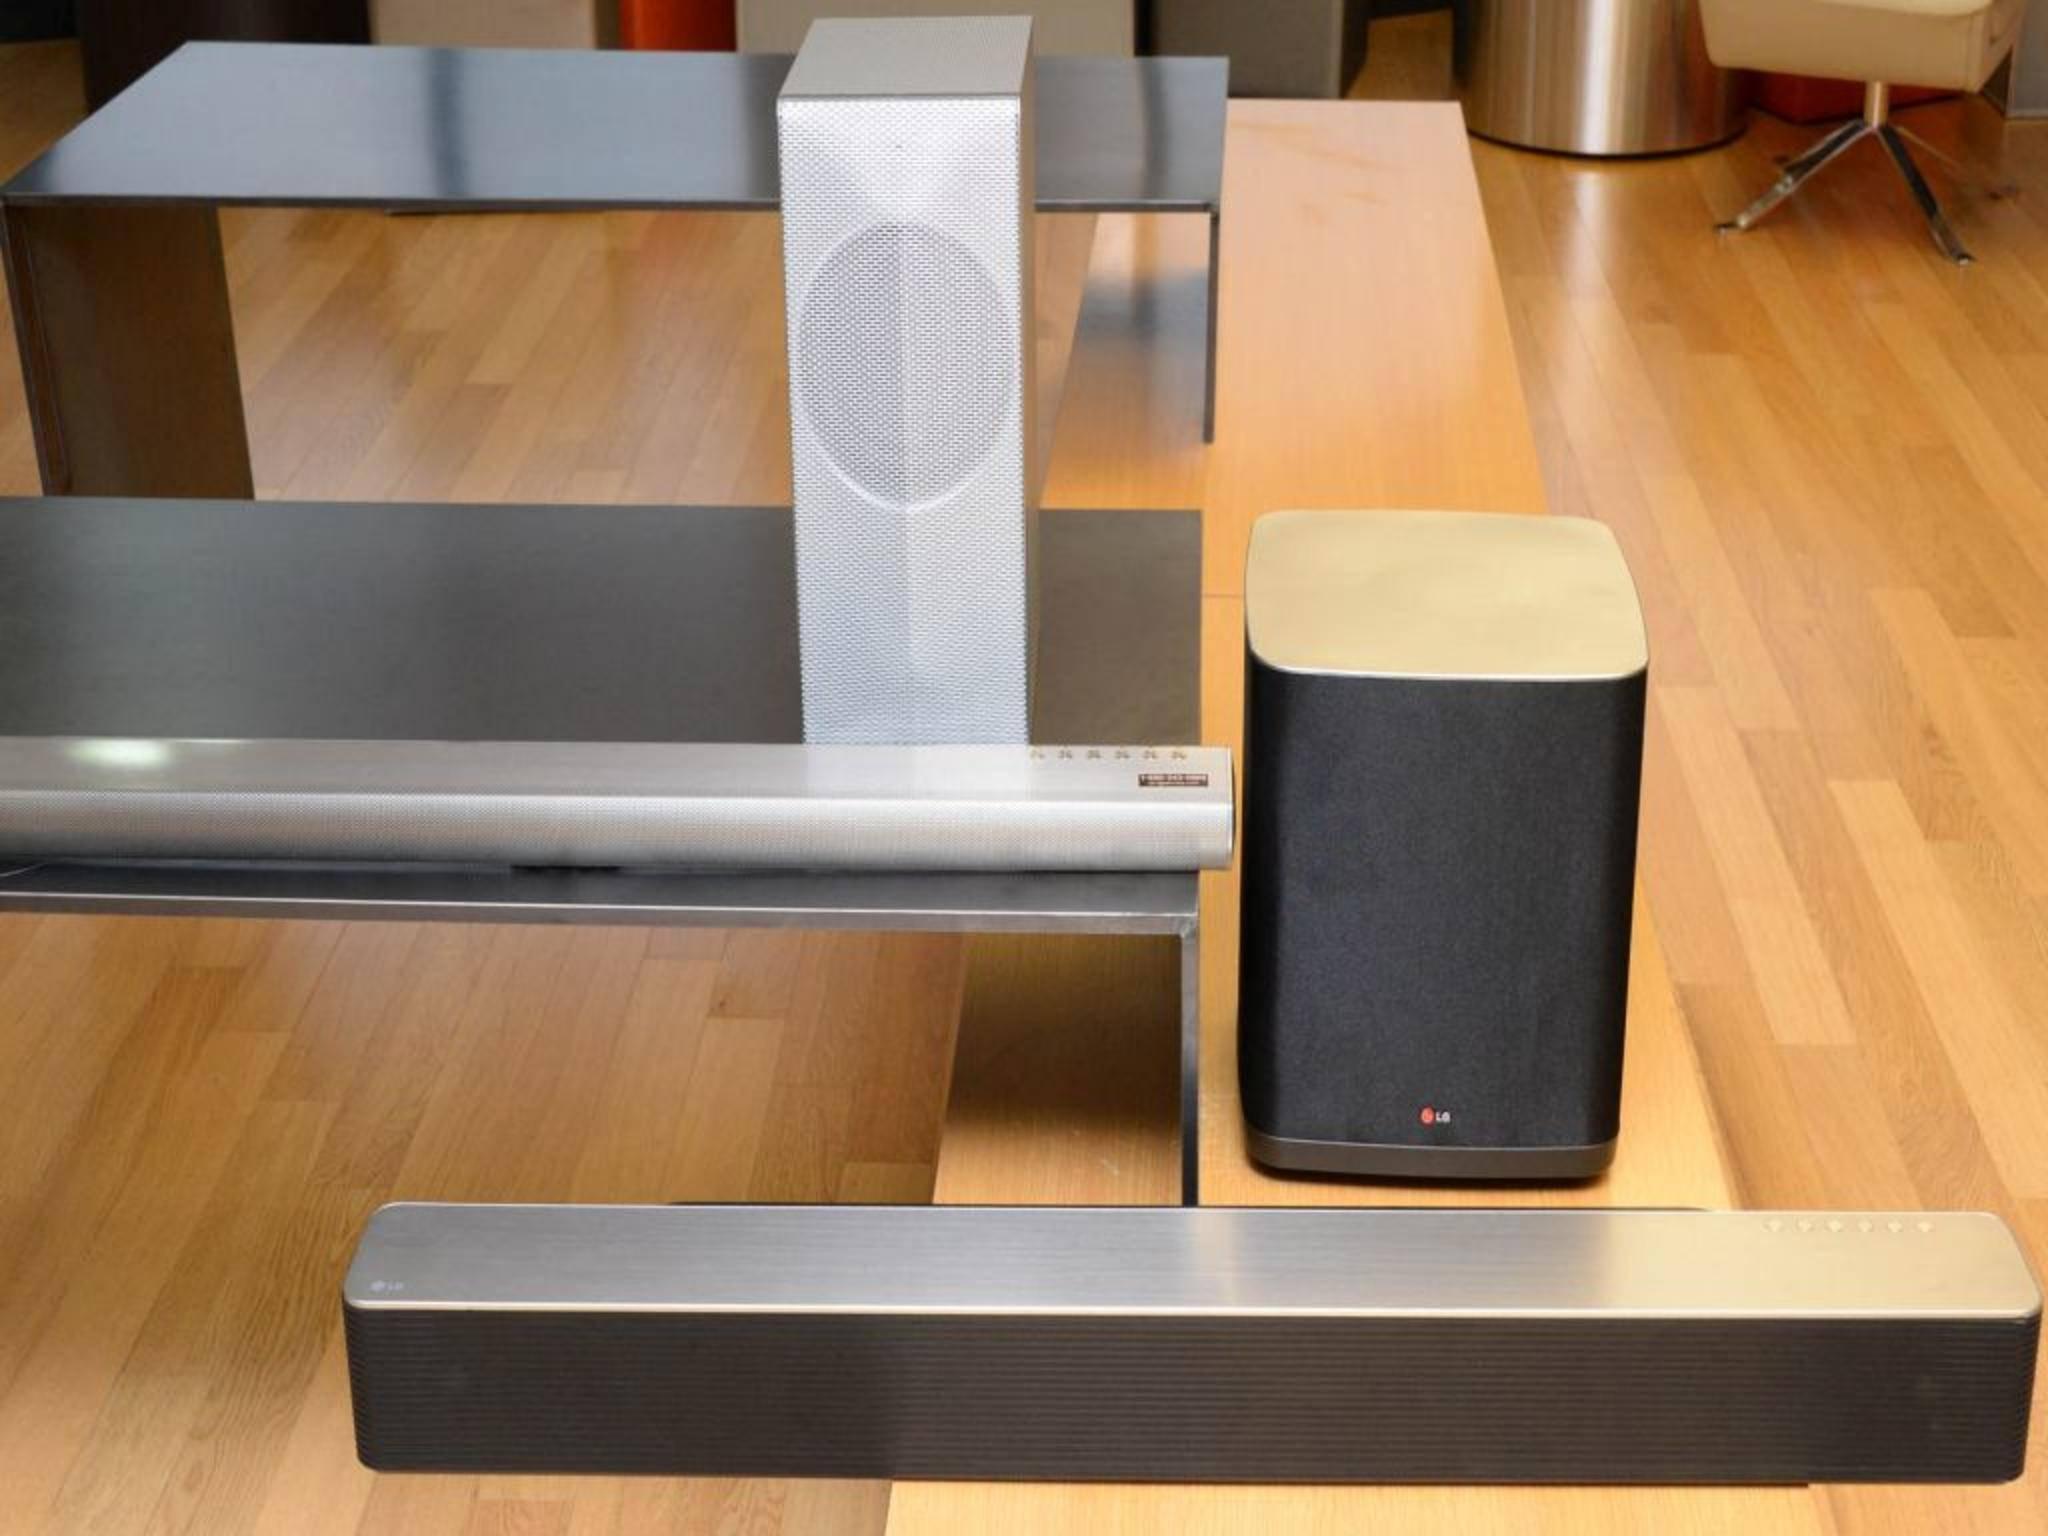 Smarte Lautsprecher von LG: Zuwachs in der Music-Flow-Produktpalette.